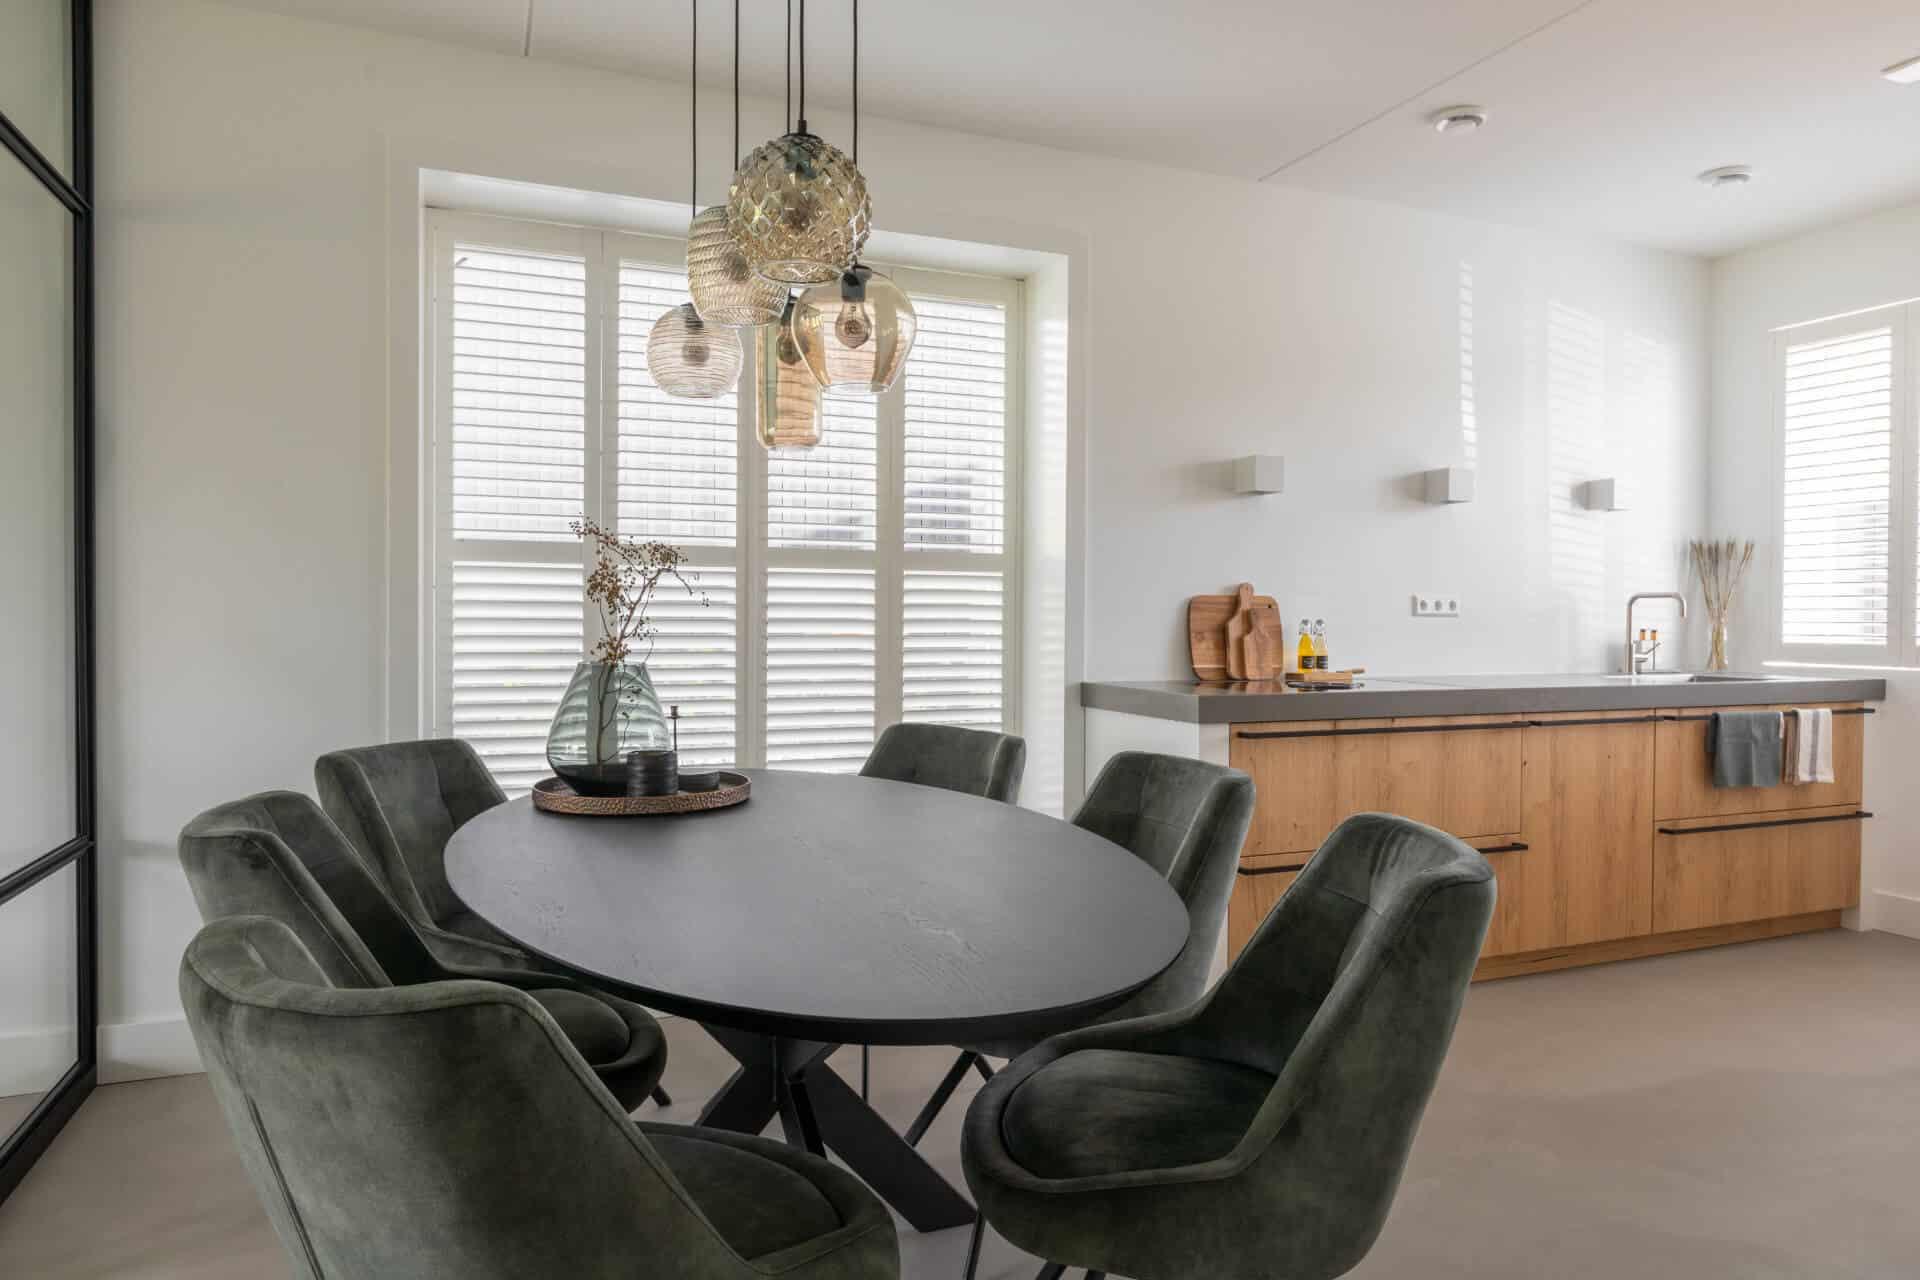 Robuust houten keuken met betonlook werkblad | Barneveld